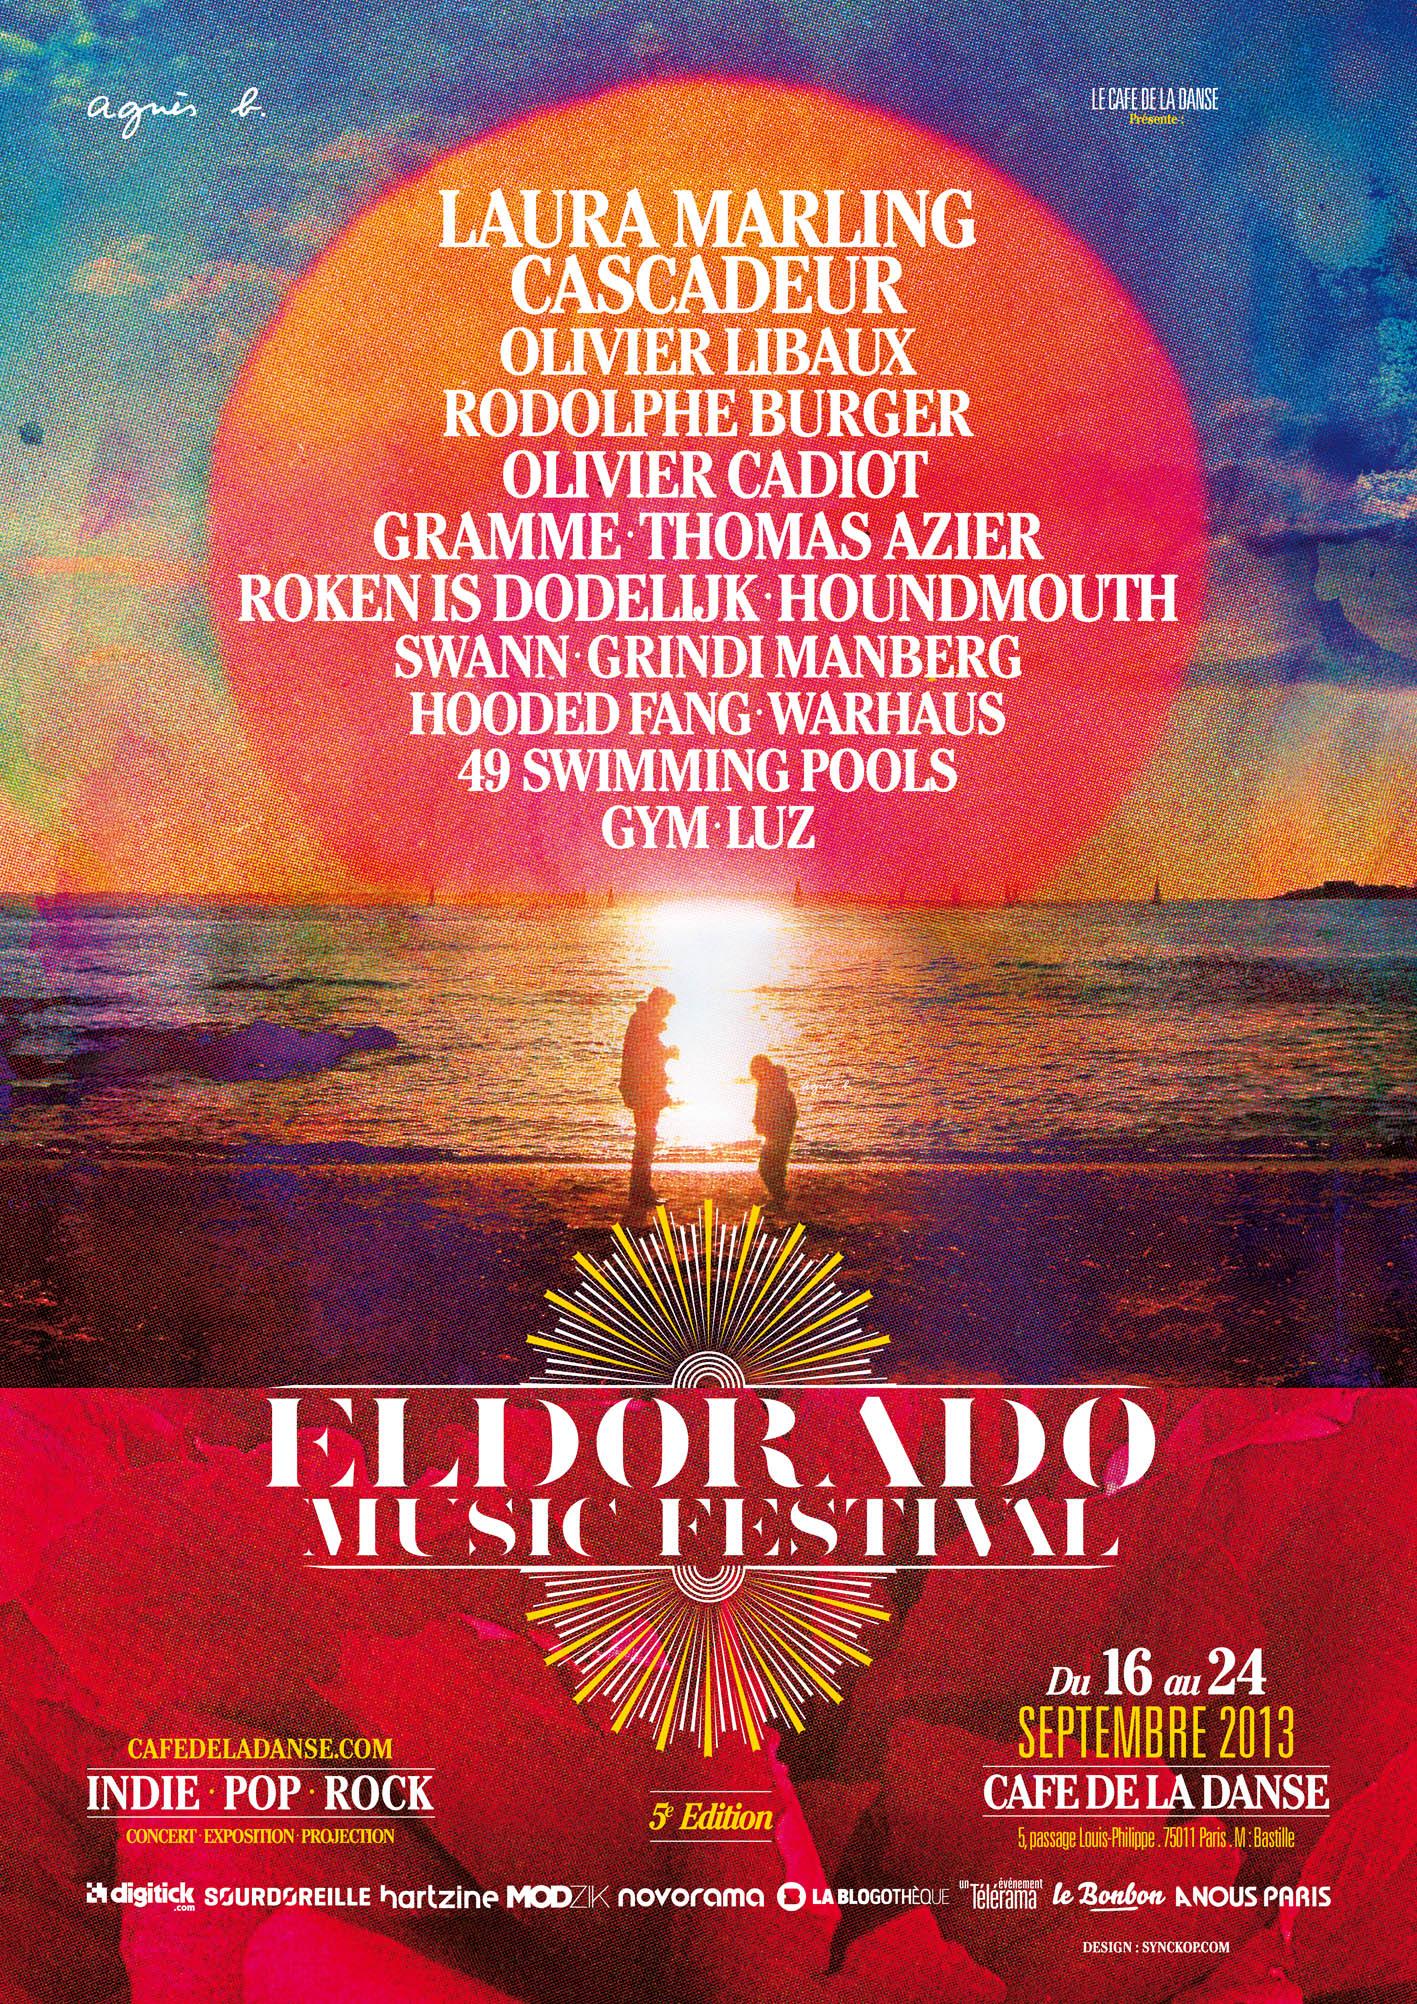 Eldorado Festival